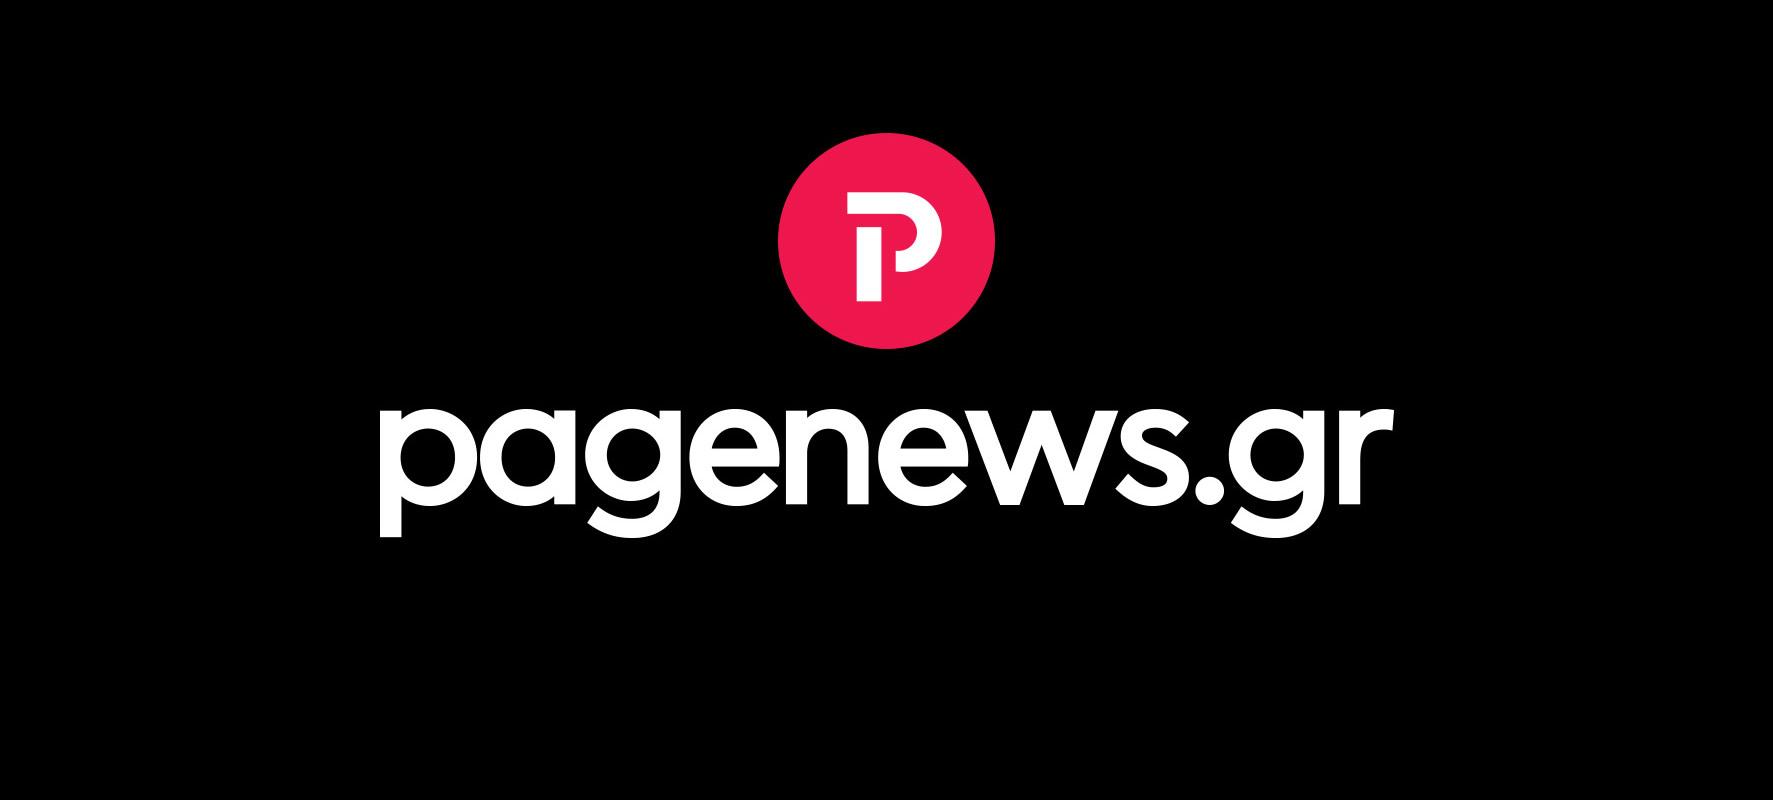 Παραίτηση έκπληξη στον Παναθηναϊκό | Pagenews.gr